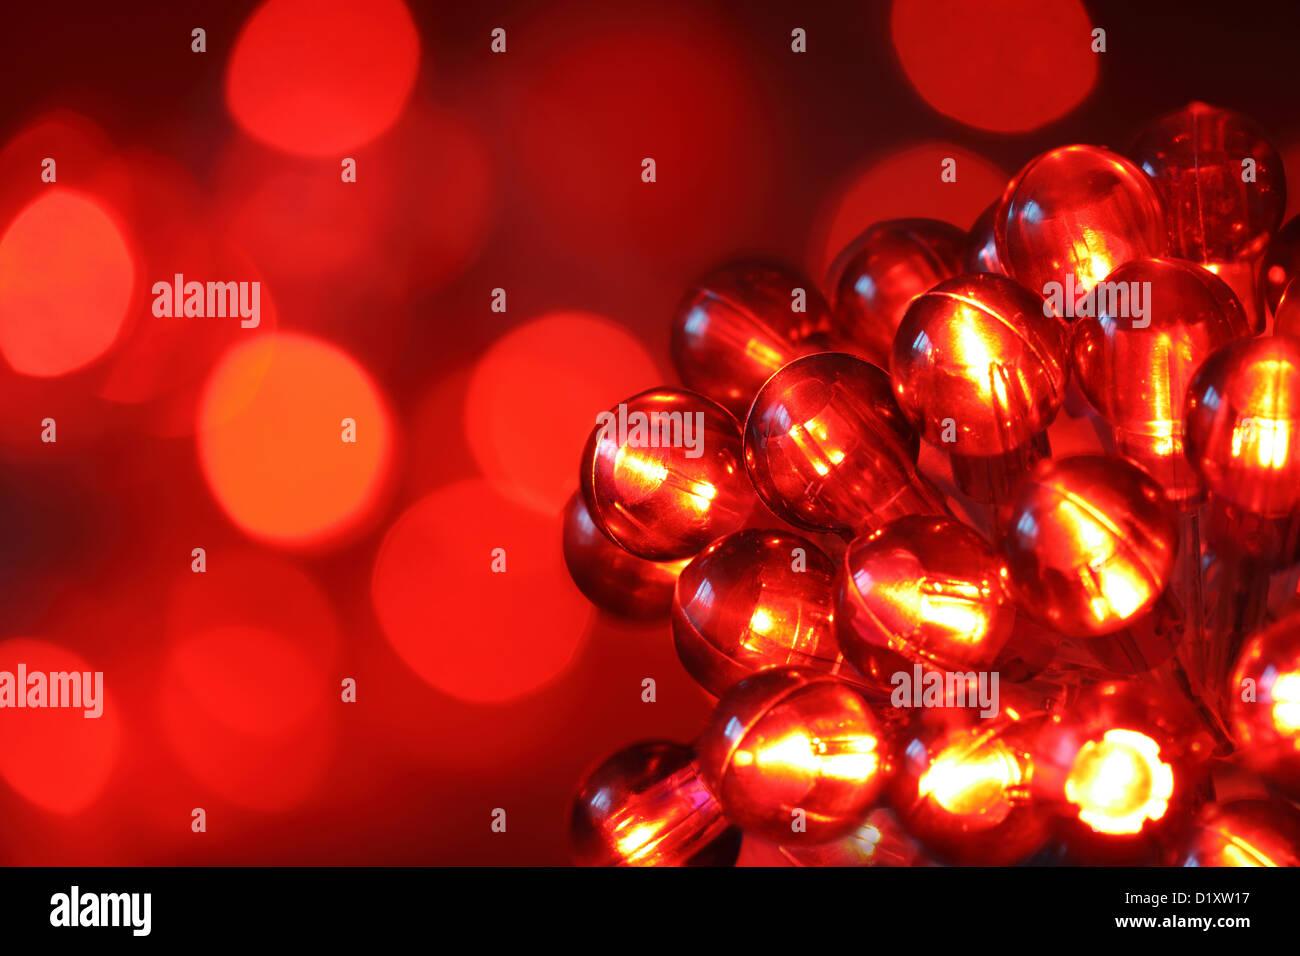 Christmas lights - Stock Image